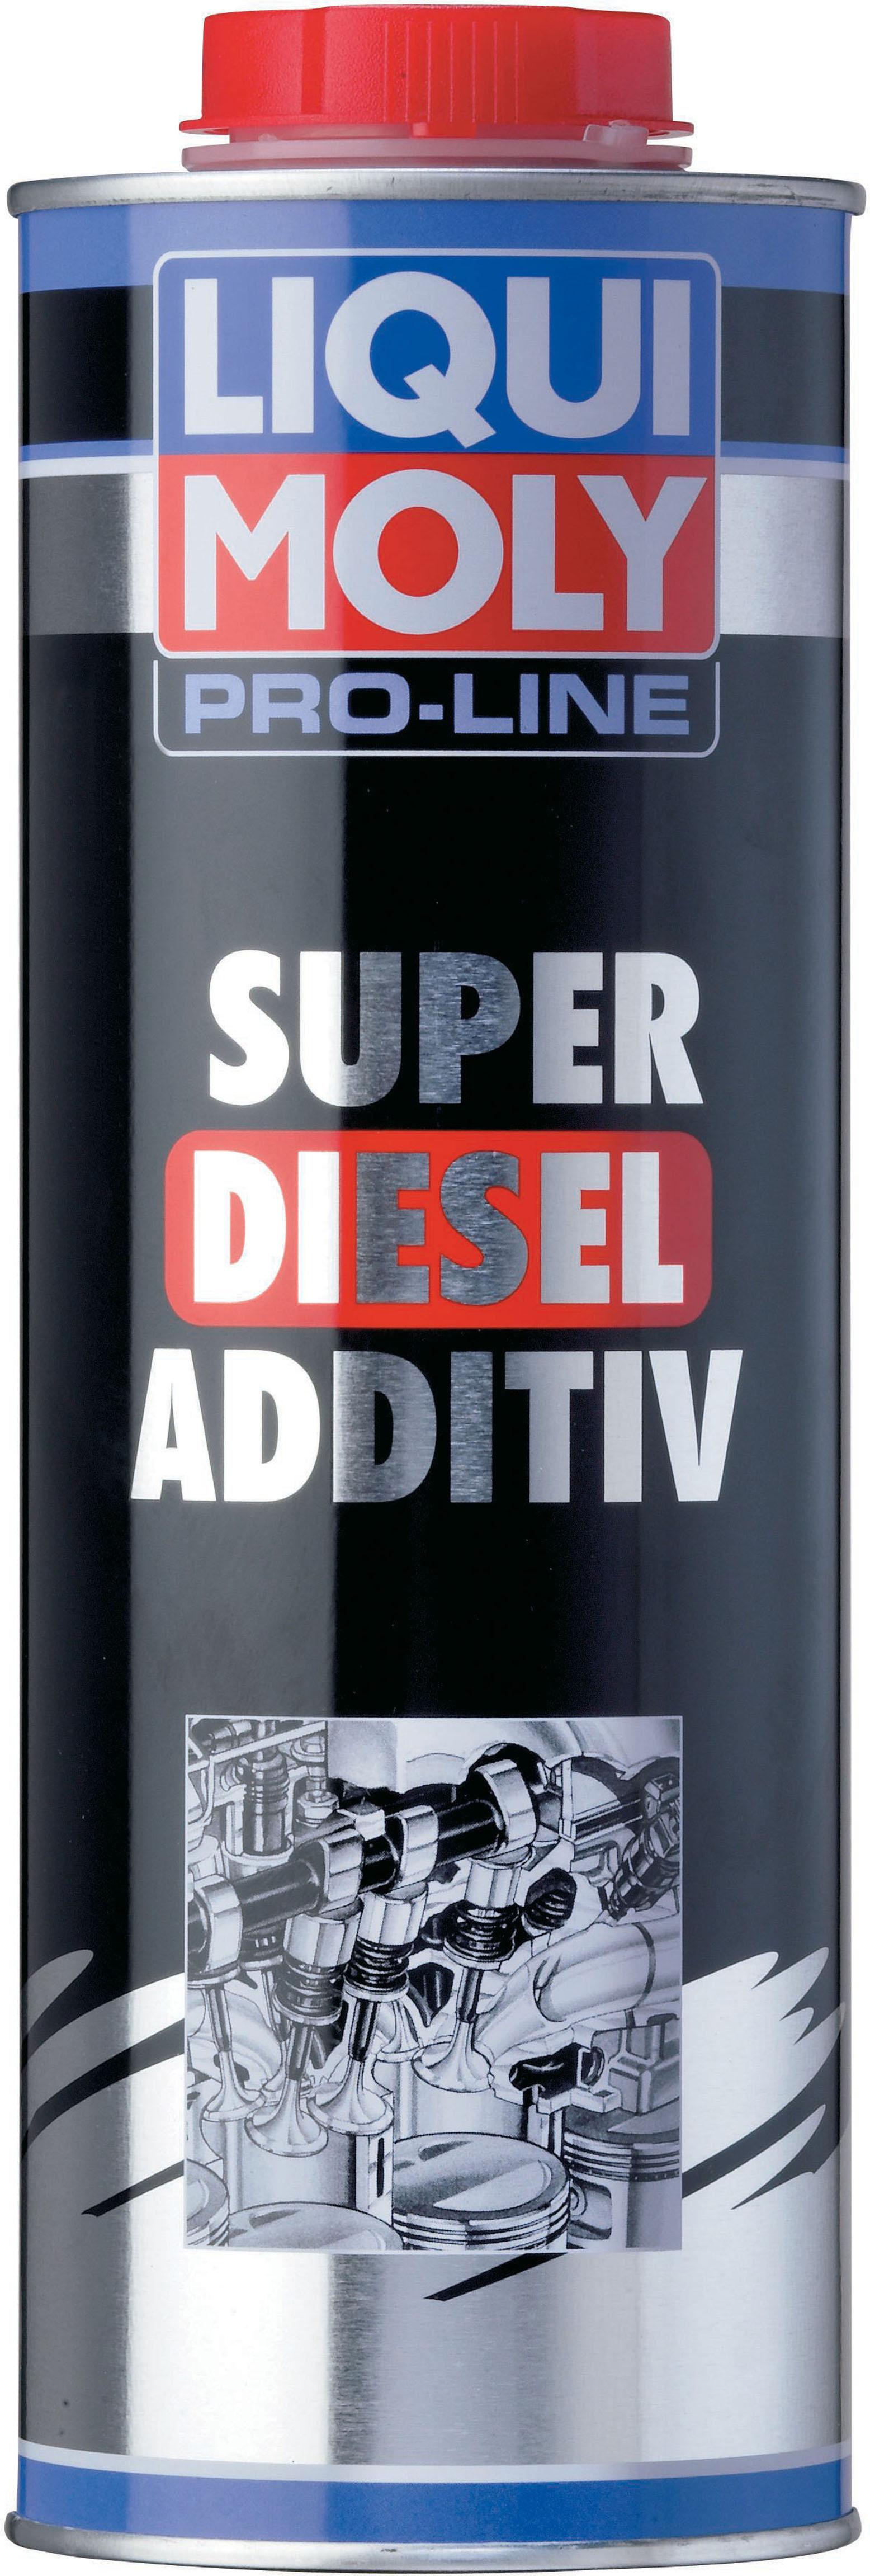 Модификатор дизельного топлива Pro-Line Super Diesel Additiv